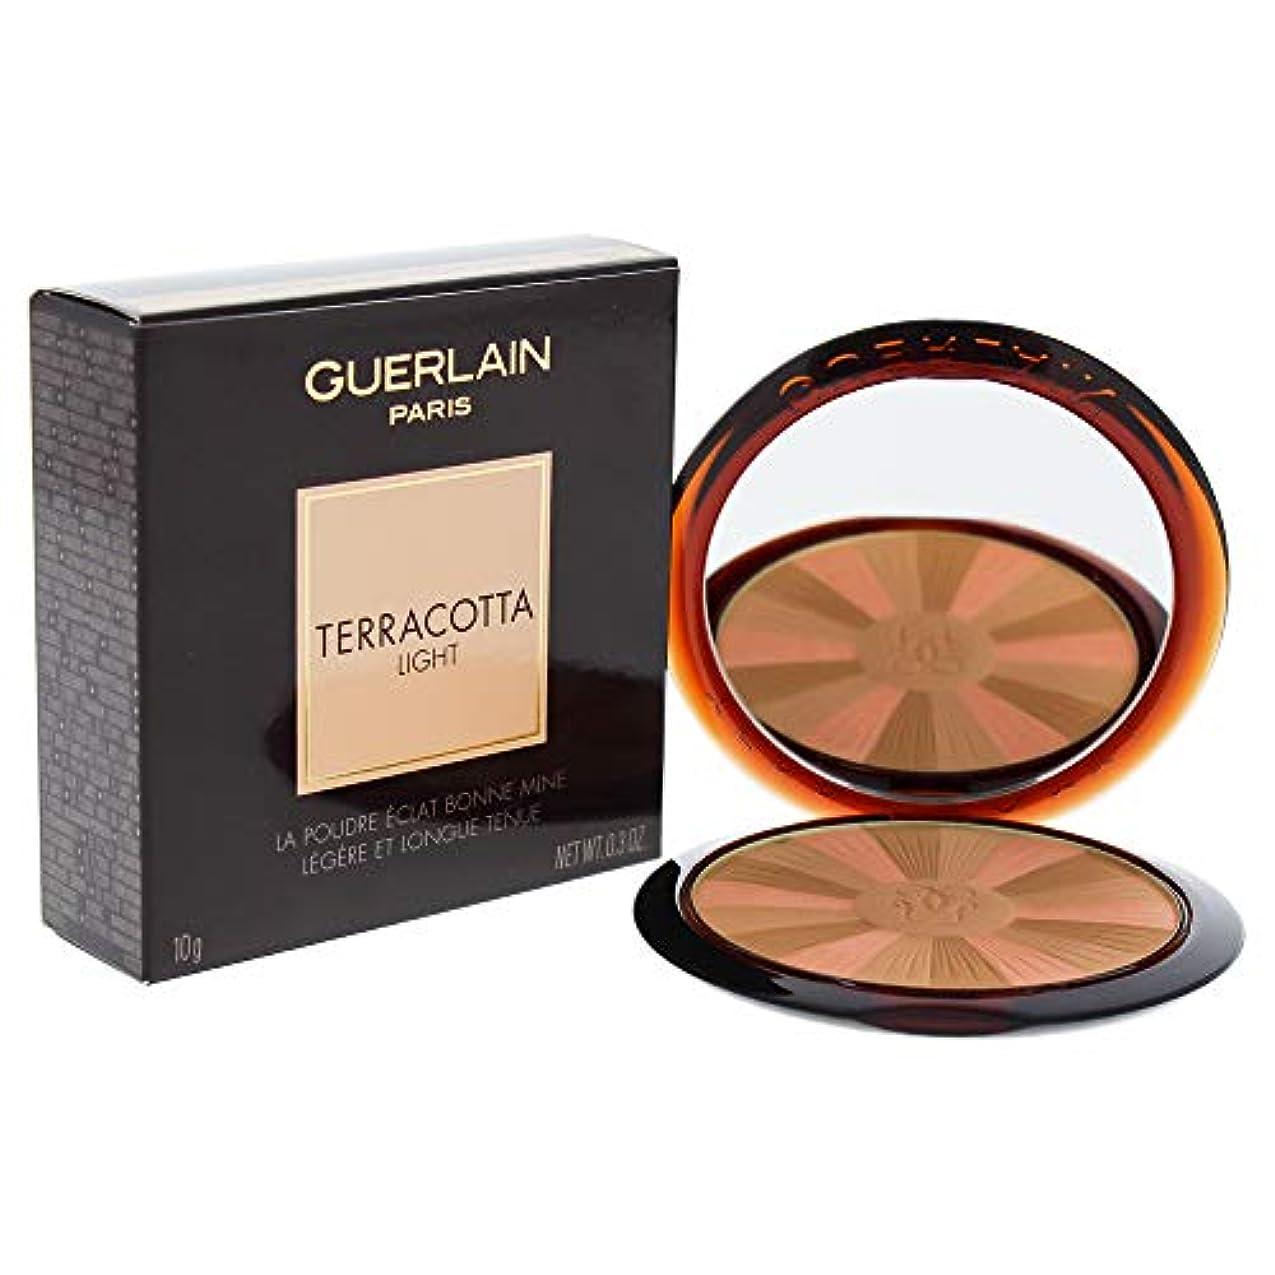 触手ずんぐりしたかもしれないゲラン Terracotta Light The Sun Kissed Healthy Glow Powder - # 01 Light Warm 10g/0.3oz並行輸入品